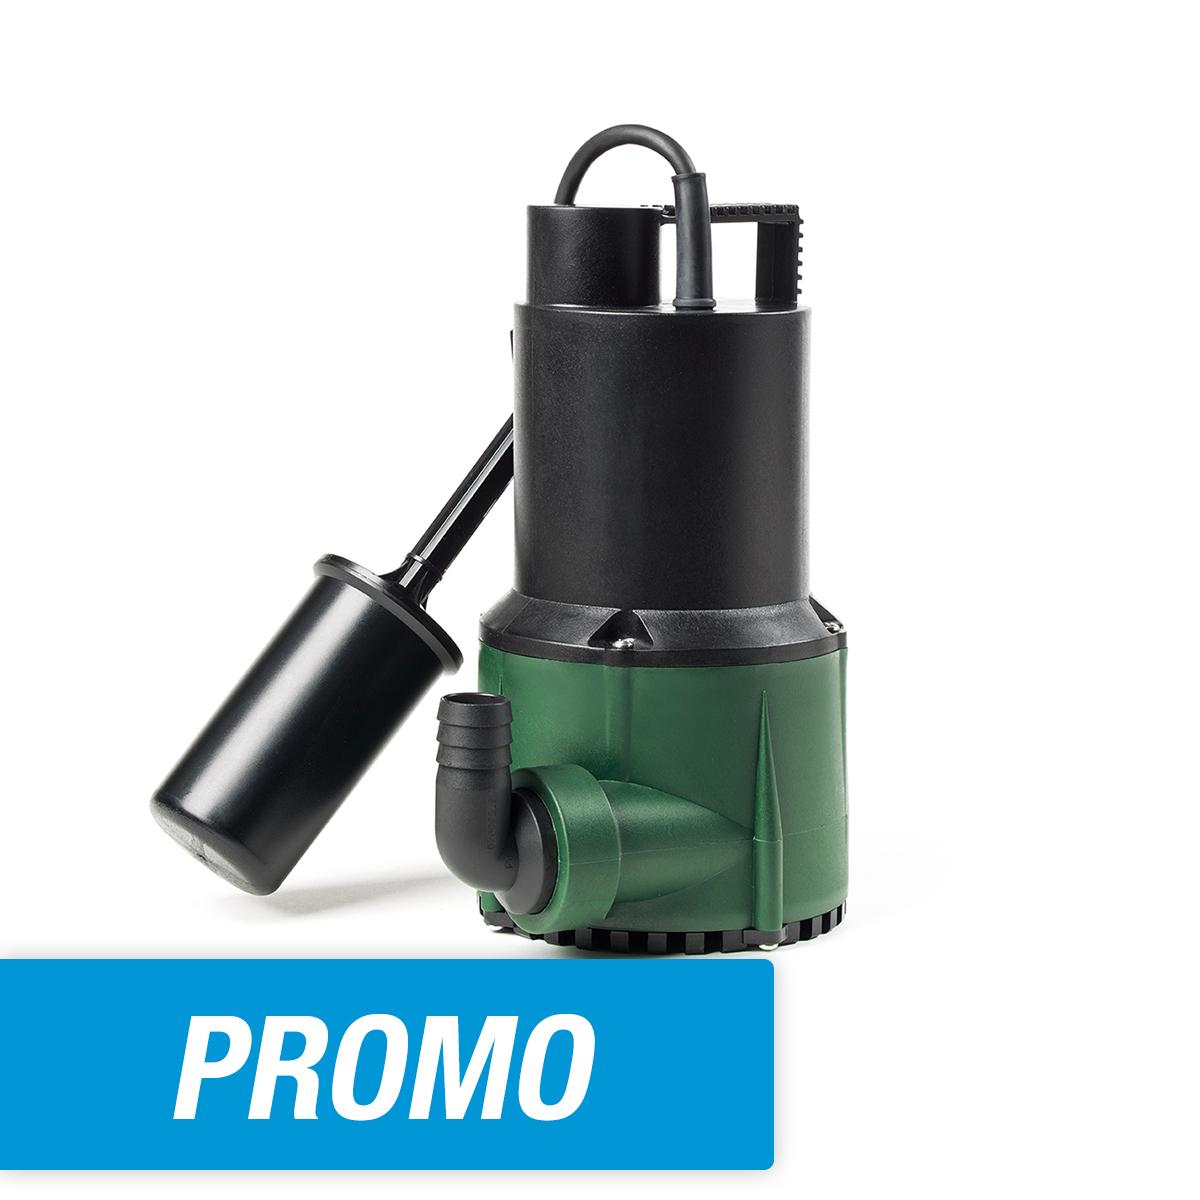 Dab Nova 300 Aut (Promo) - Pompe De Relevage - Pompe À Eau destiné Pompe De Relevage Toilette